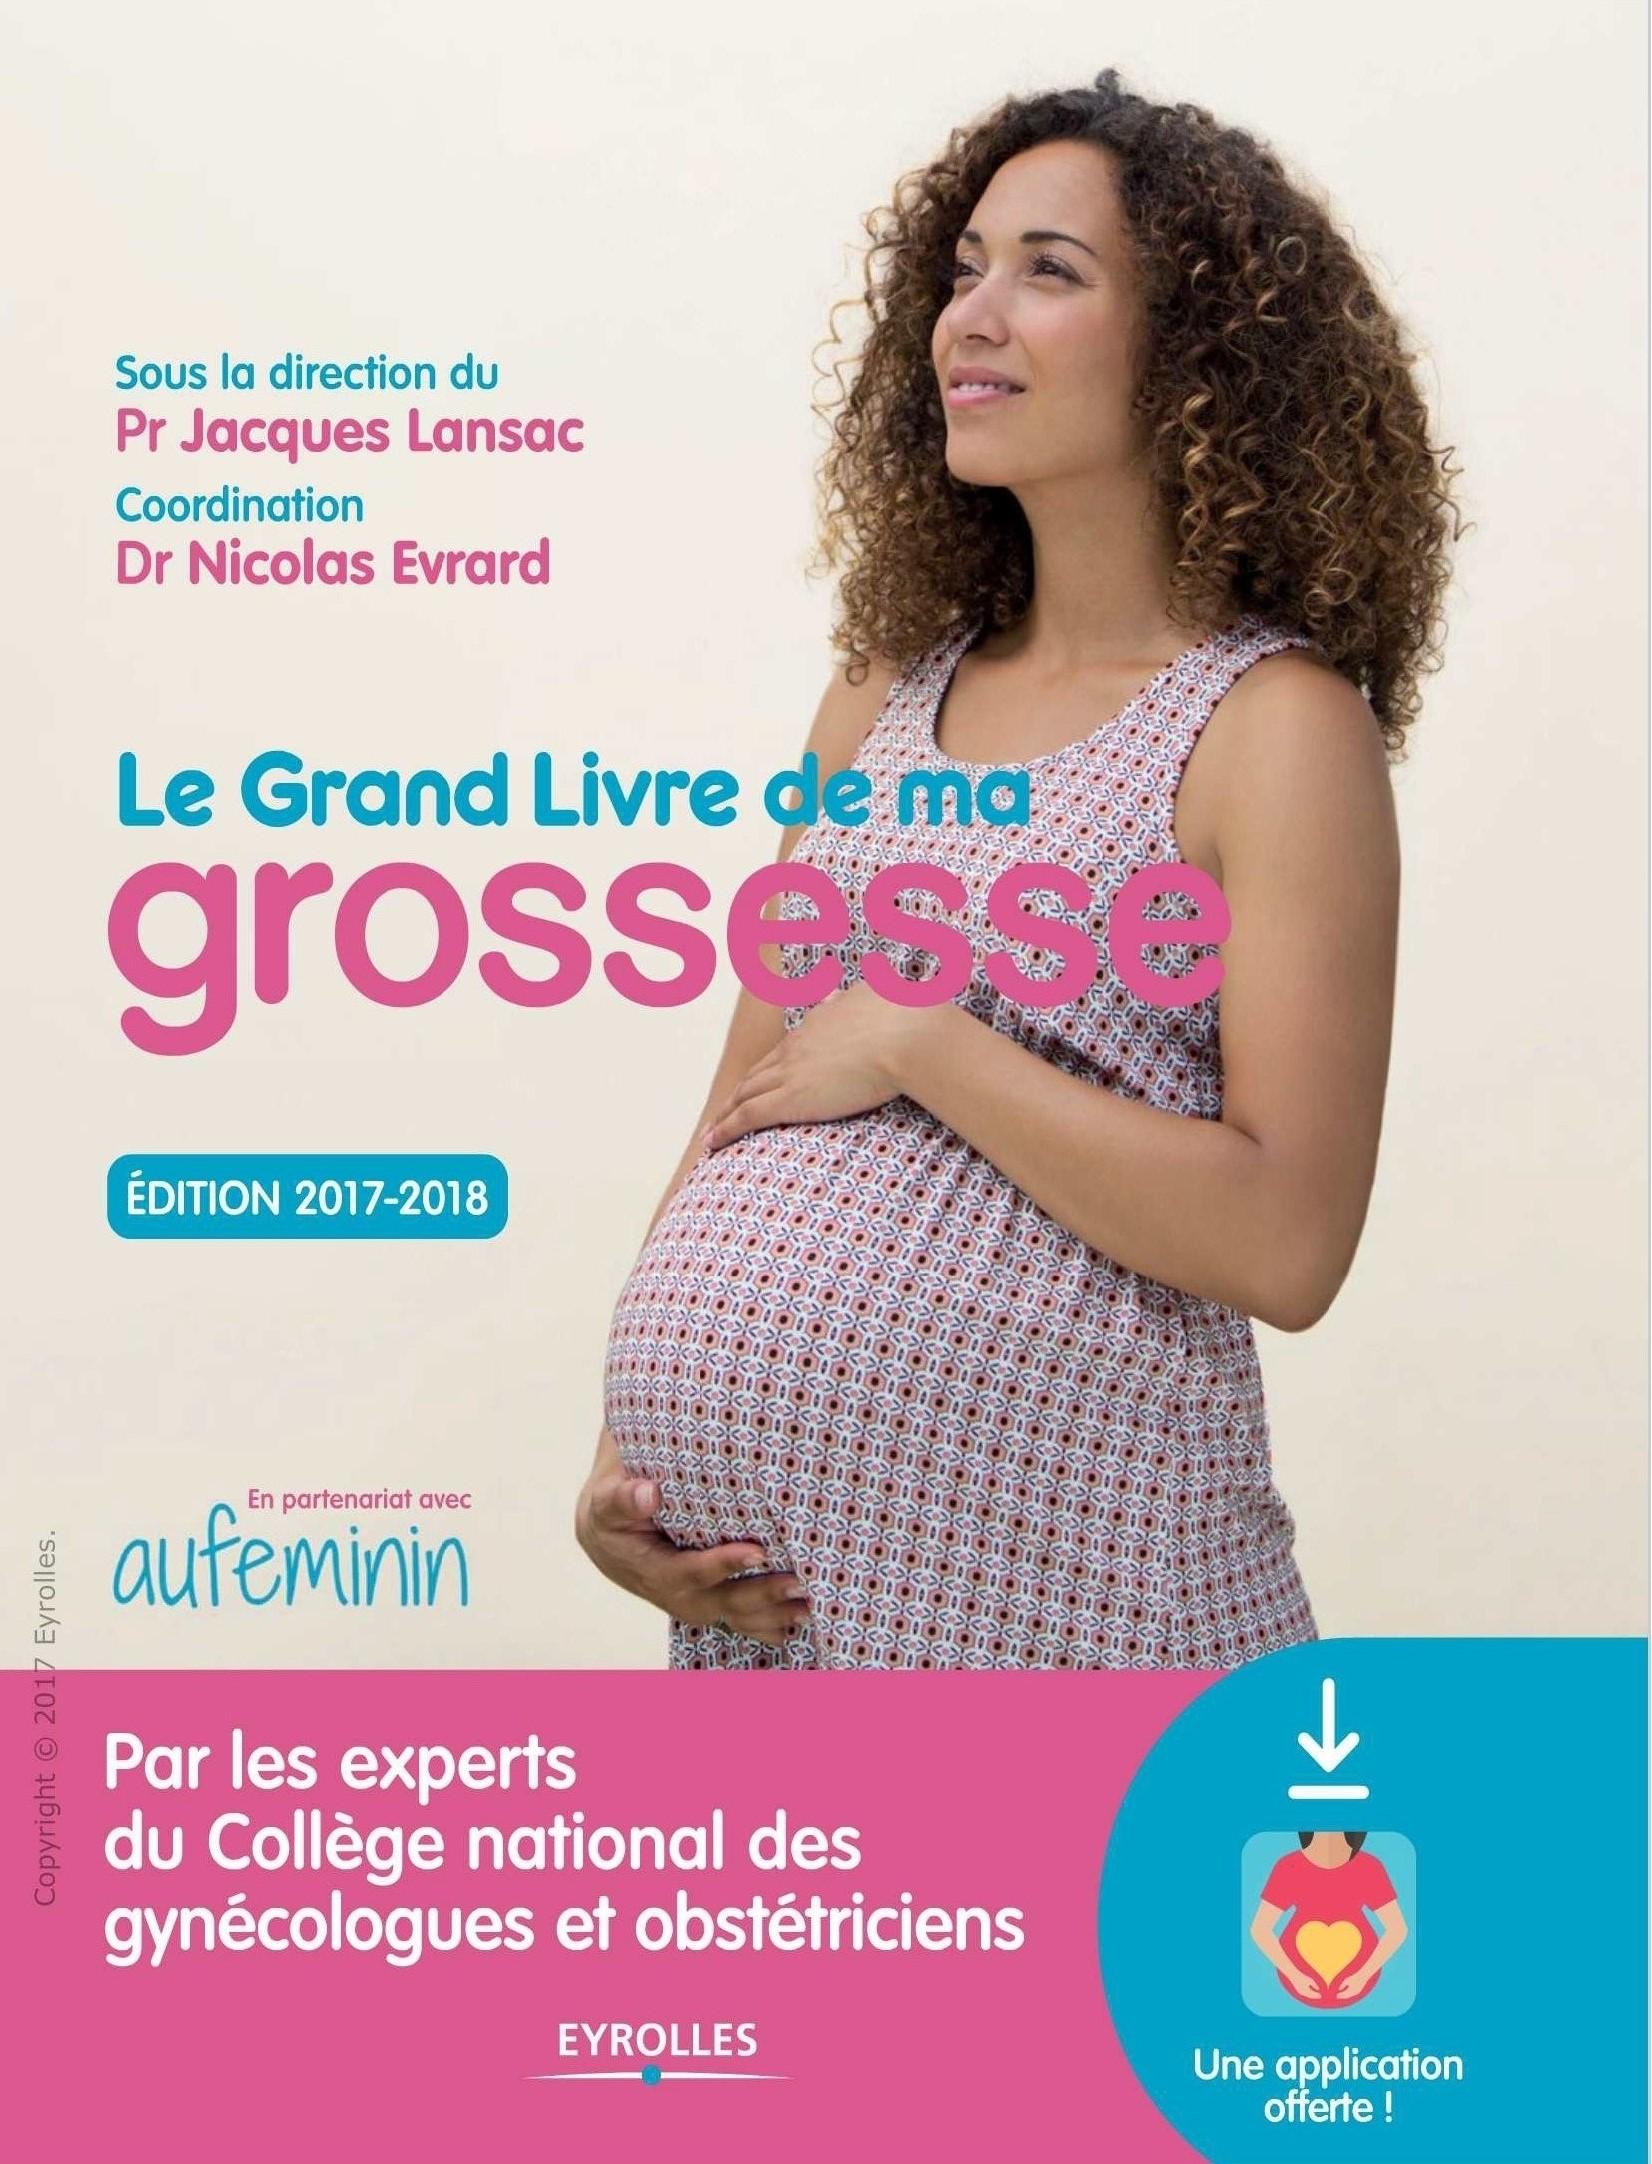 Livres Médicales - Le grand livre de ma grossesse - Edition 2017-2018 - Page 3 Le_gra10